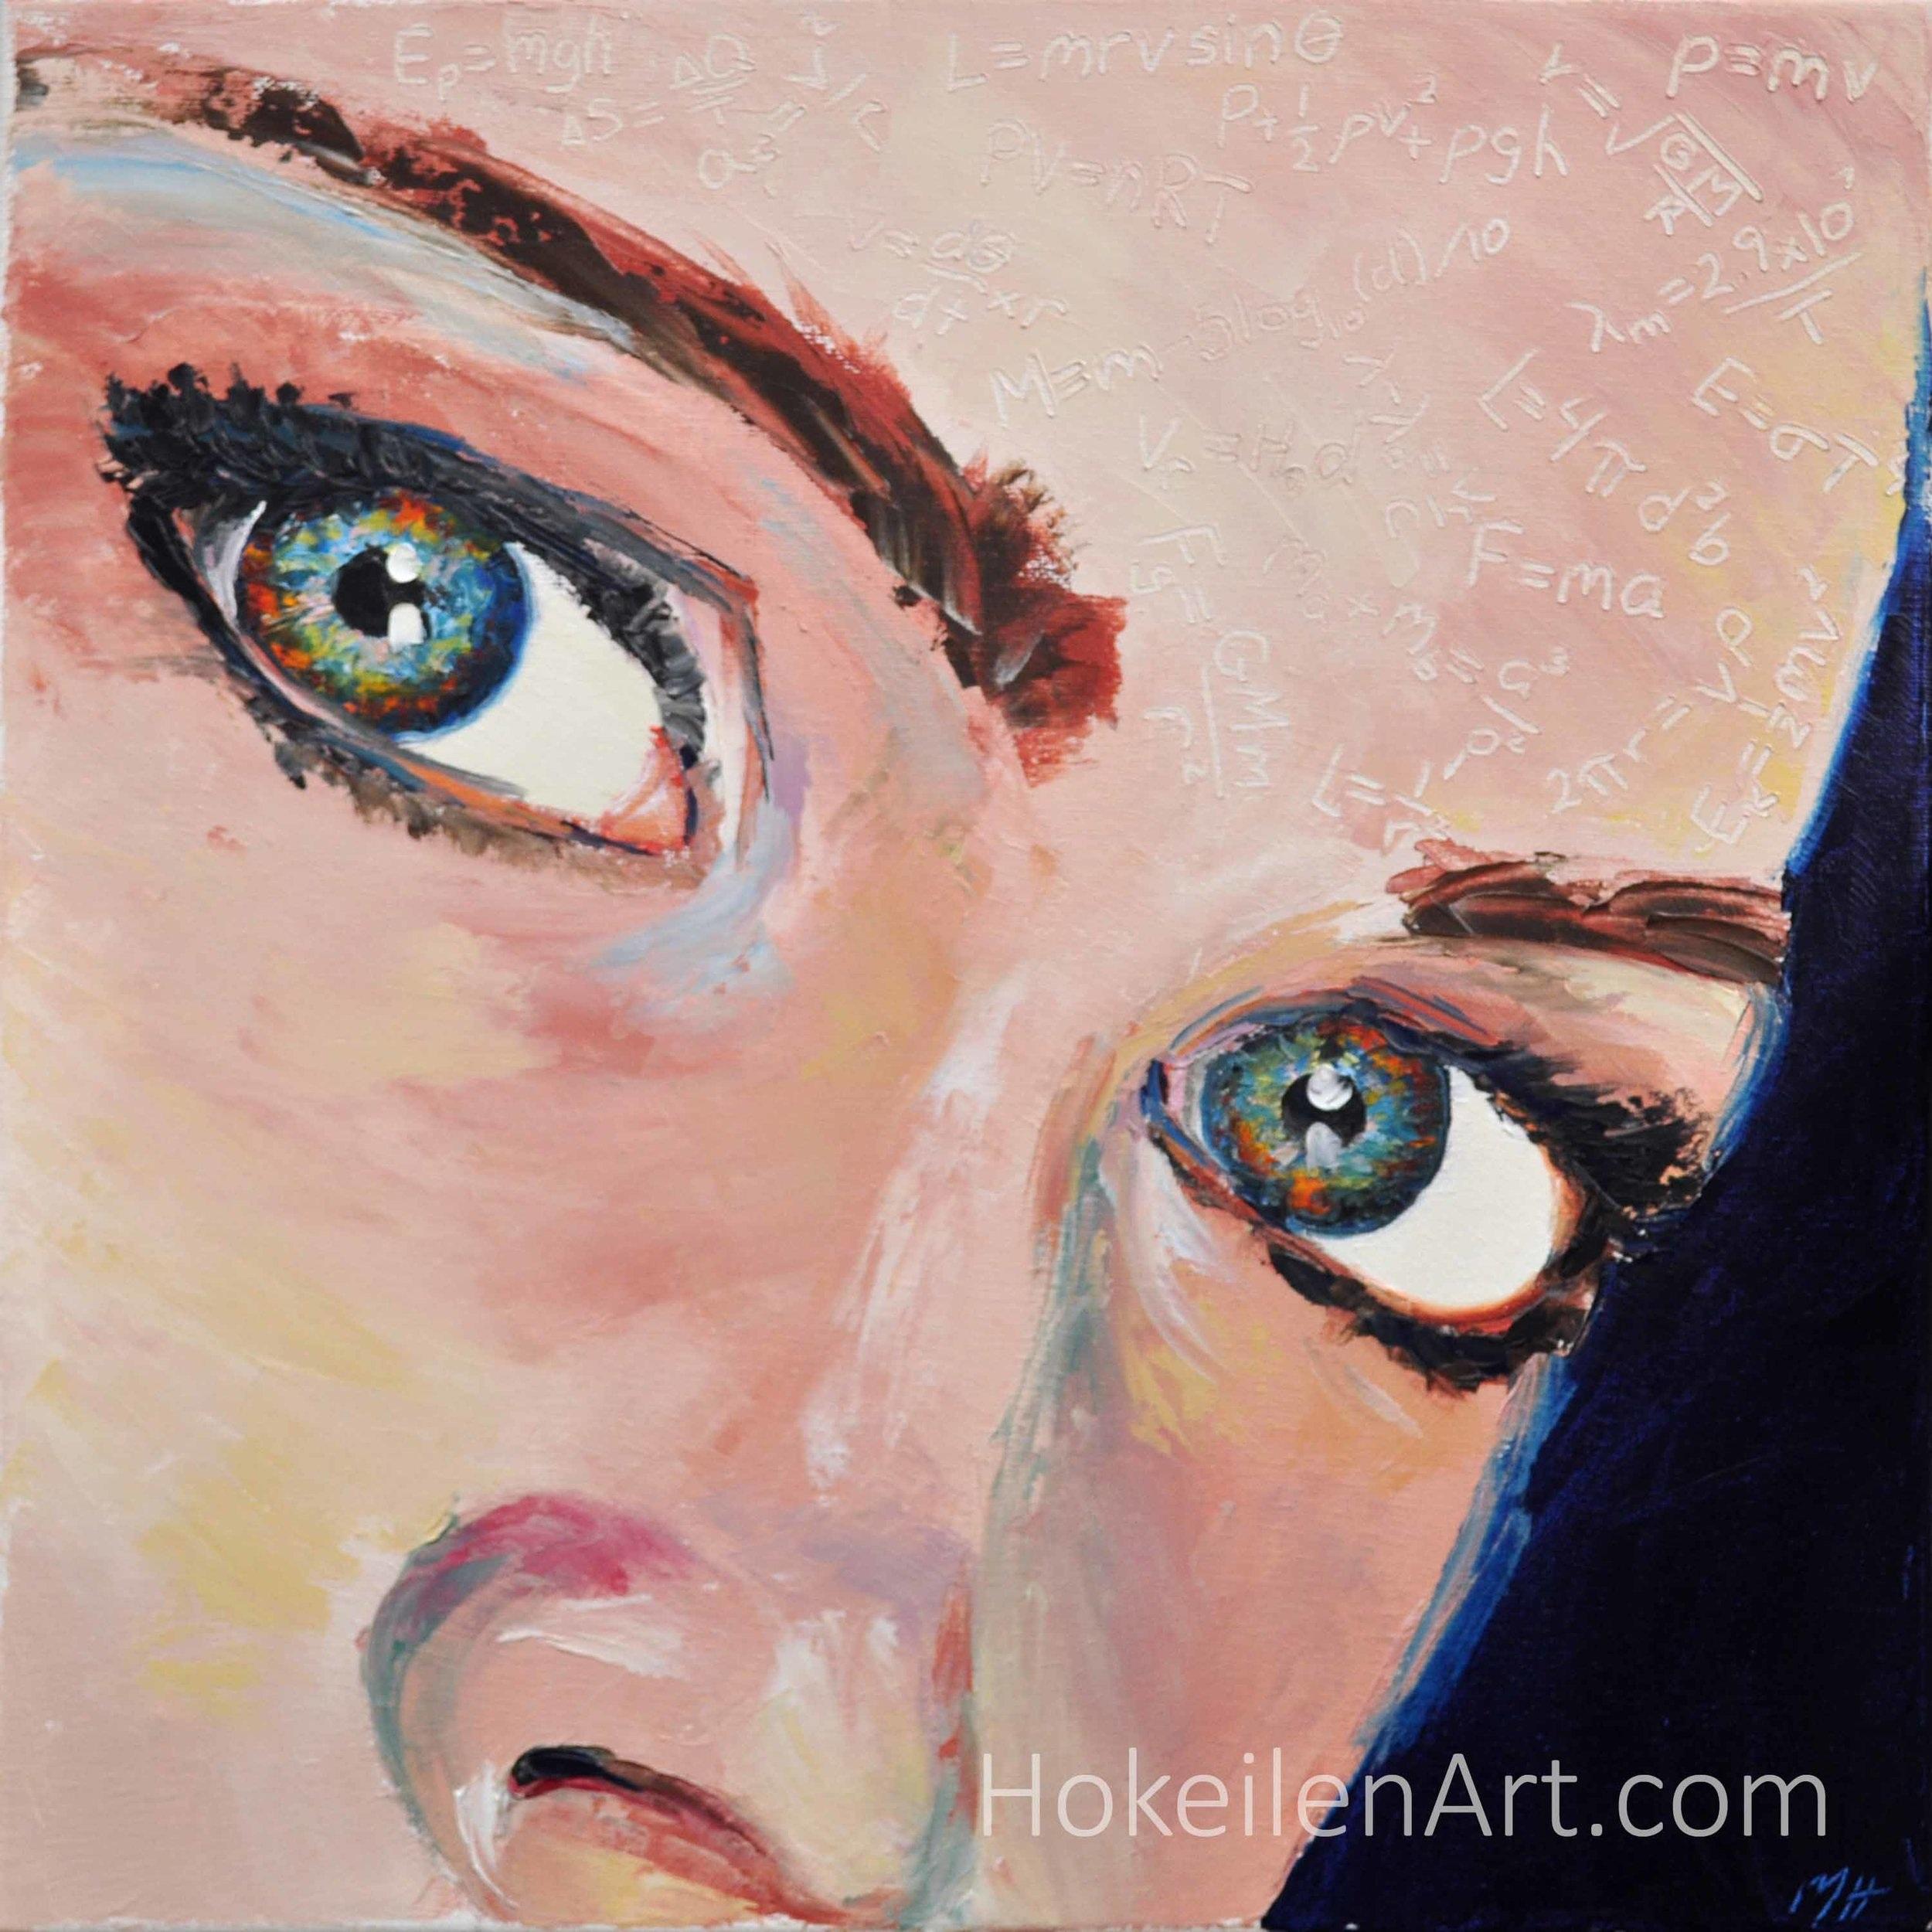 """The Astrophysicist with Supernova Eyes by Monica Hokeilen, oil on canvas 14""""x14"""""""